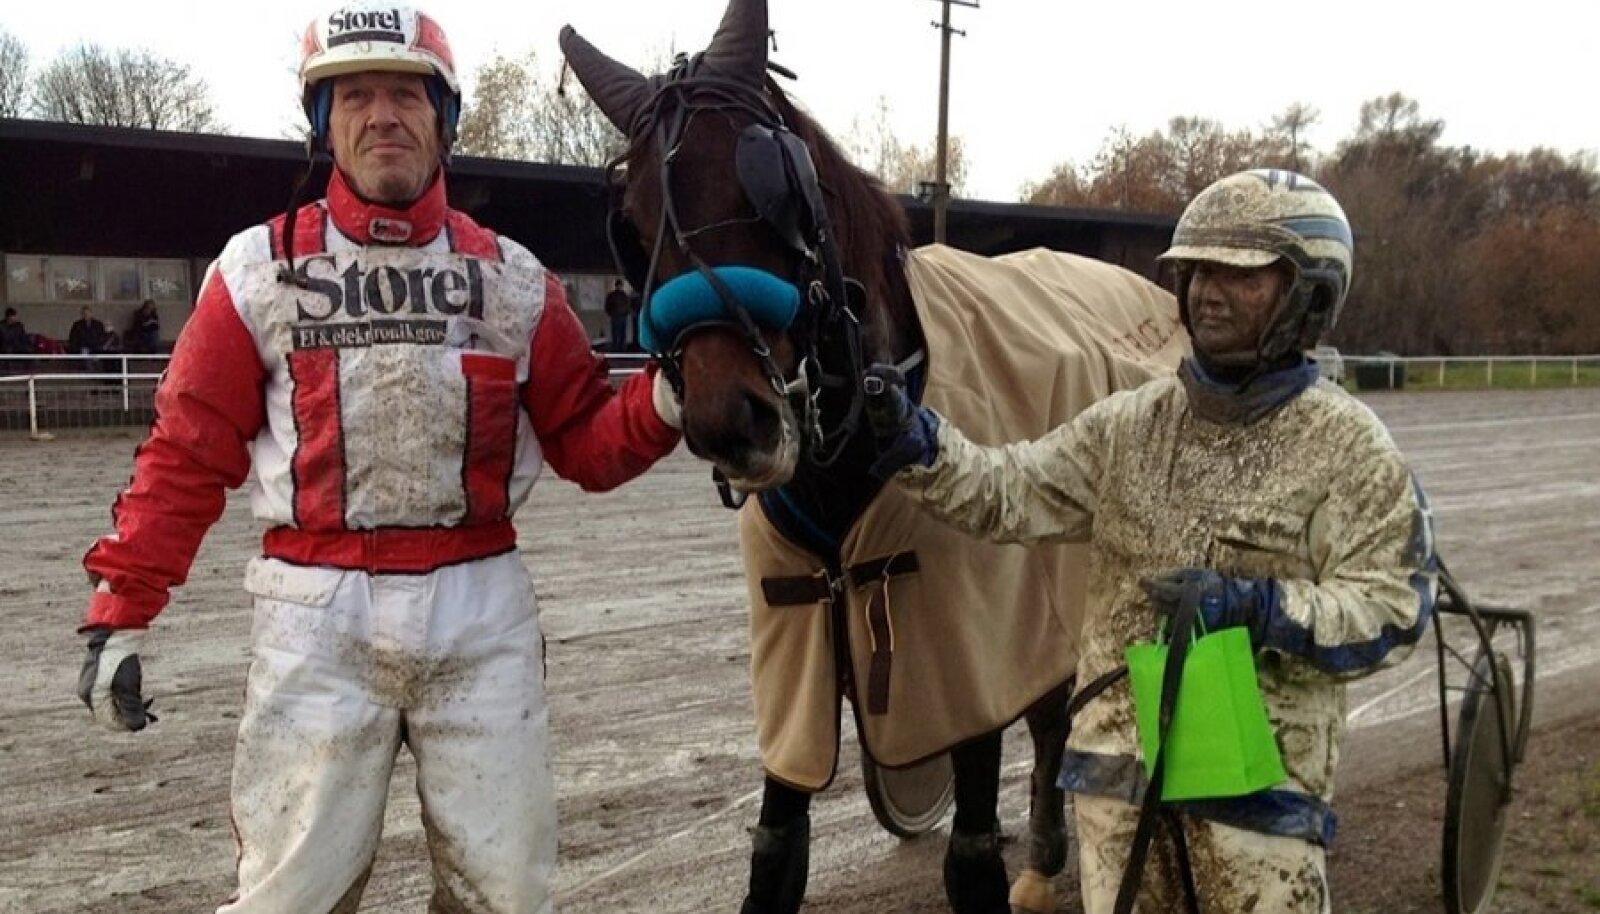 Baby Race 2012 võitjad: Lars Sundling (treener), Cinderella River, Olga Frolova (sõitja). Foto Jüri Järv